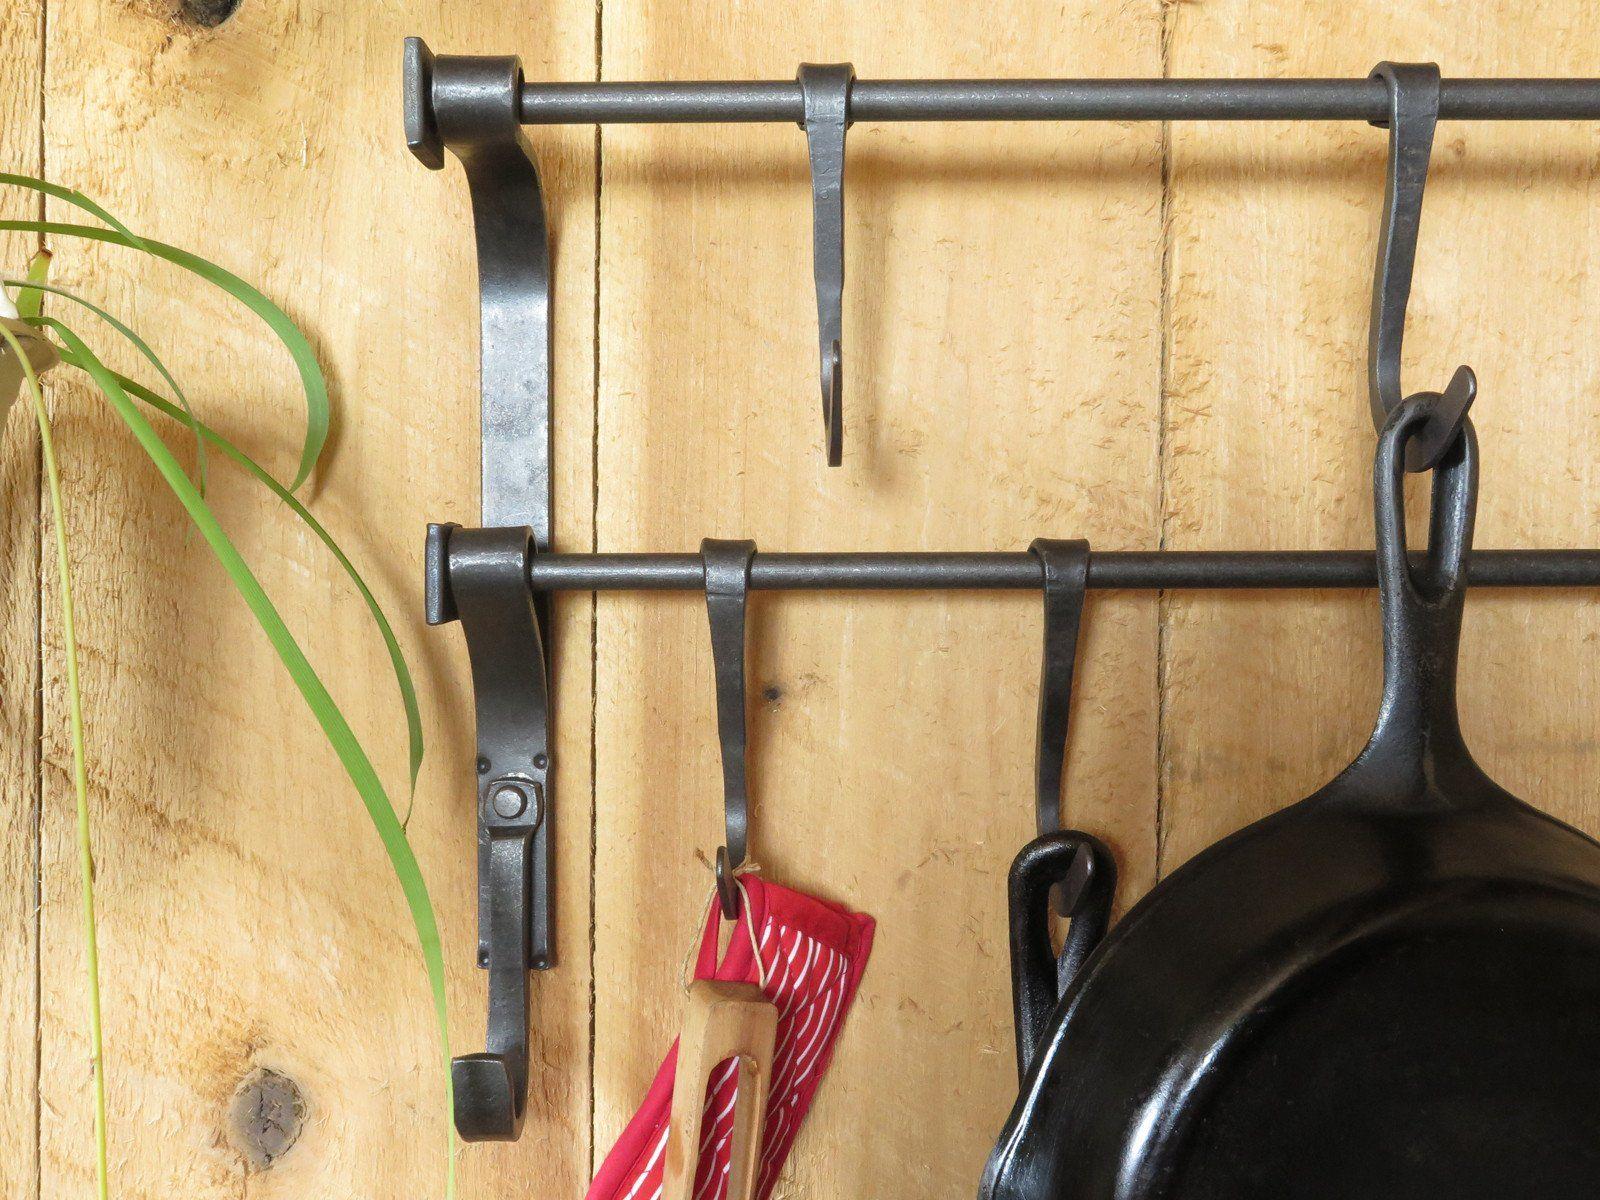 Dual Craftsman Pot Rack | Craftsman pot racks, Pot rack and Craftsman